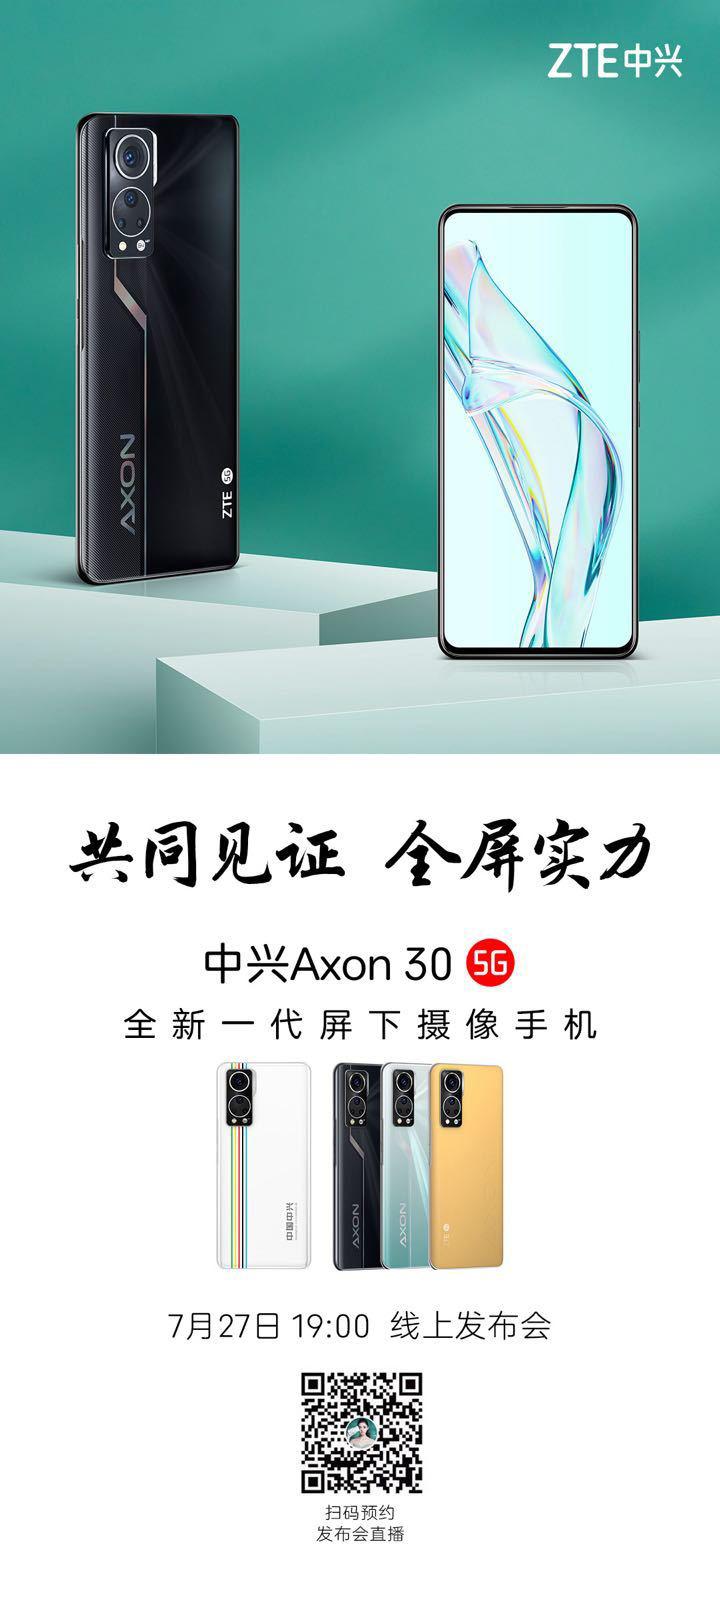 中兴官宣Axon 30新一代屏下摄像手机 定于7月27日发布